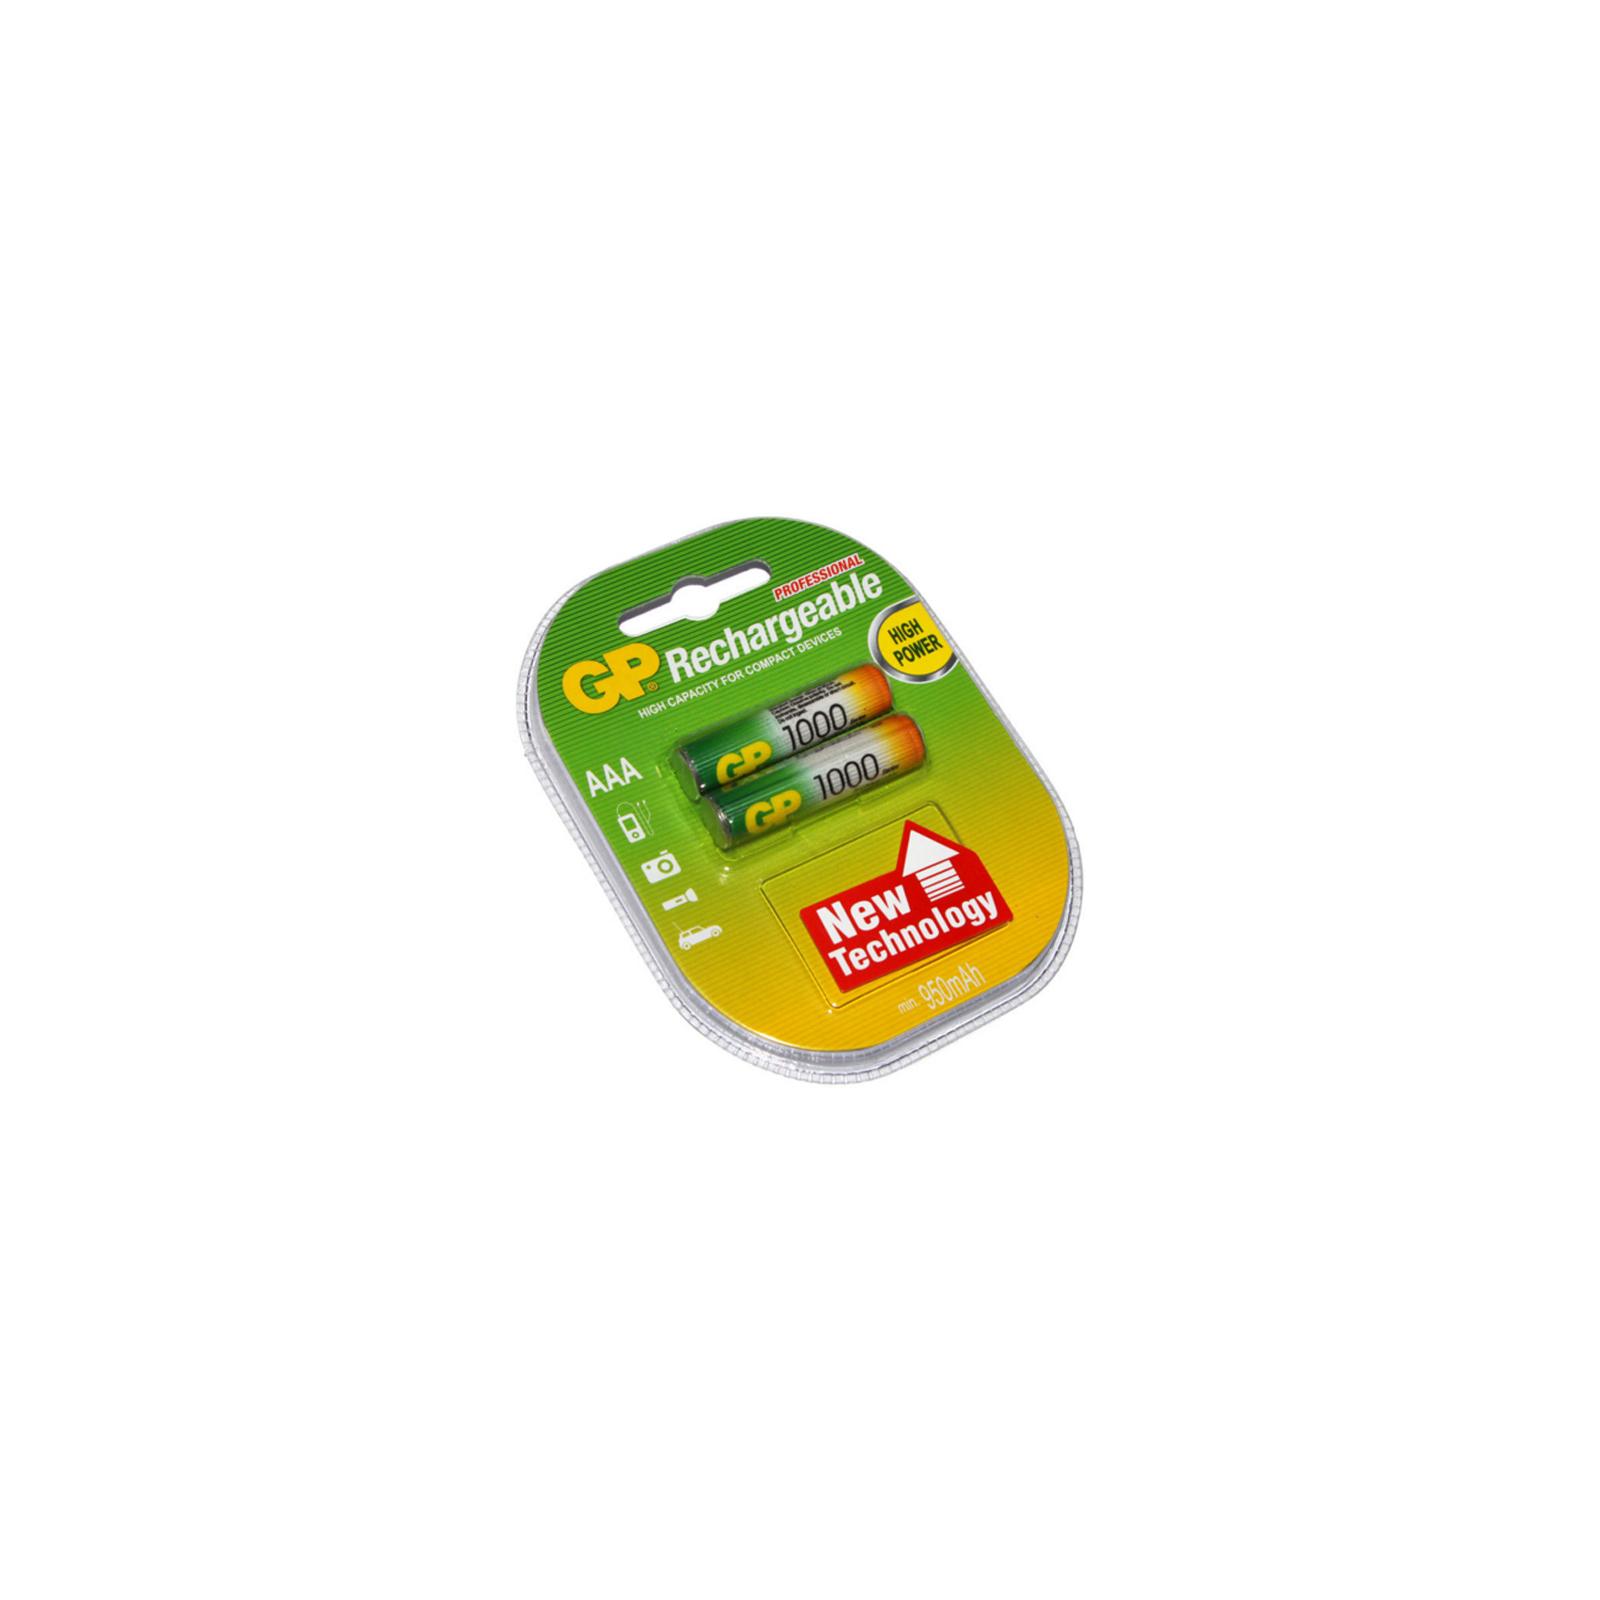 Аккумулятор AAA R3 1000mAh 2шт. GP (GP100AAAHC-2PL2)